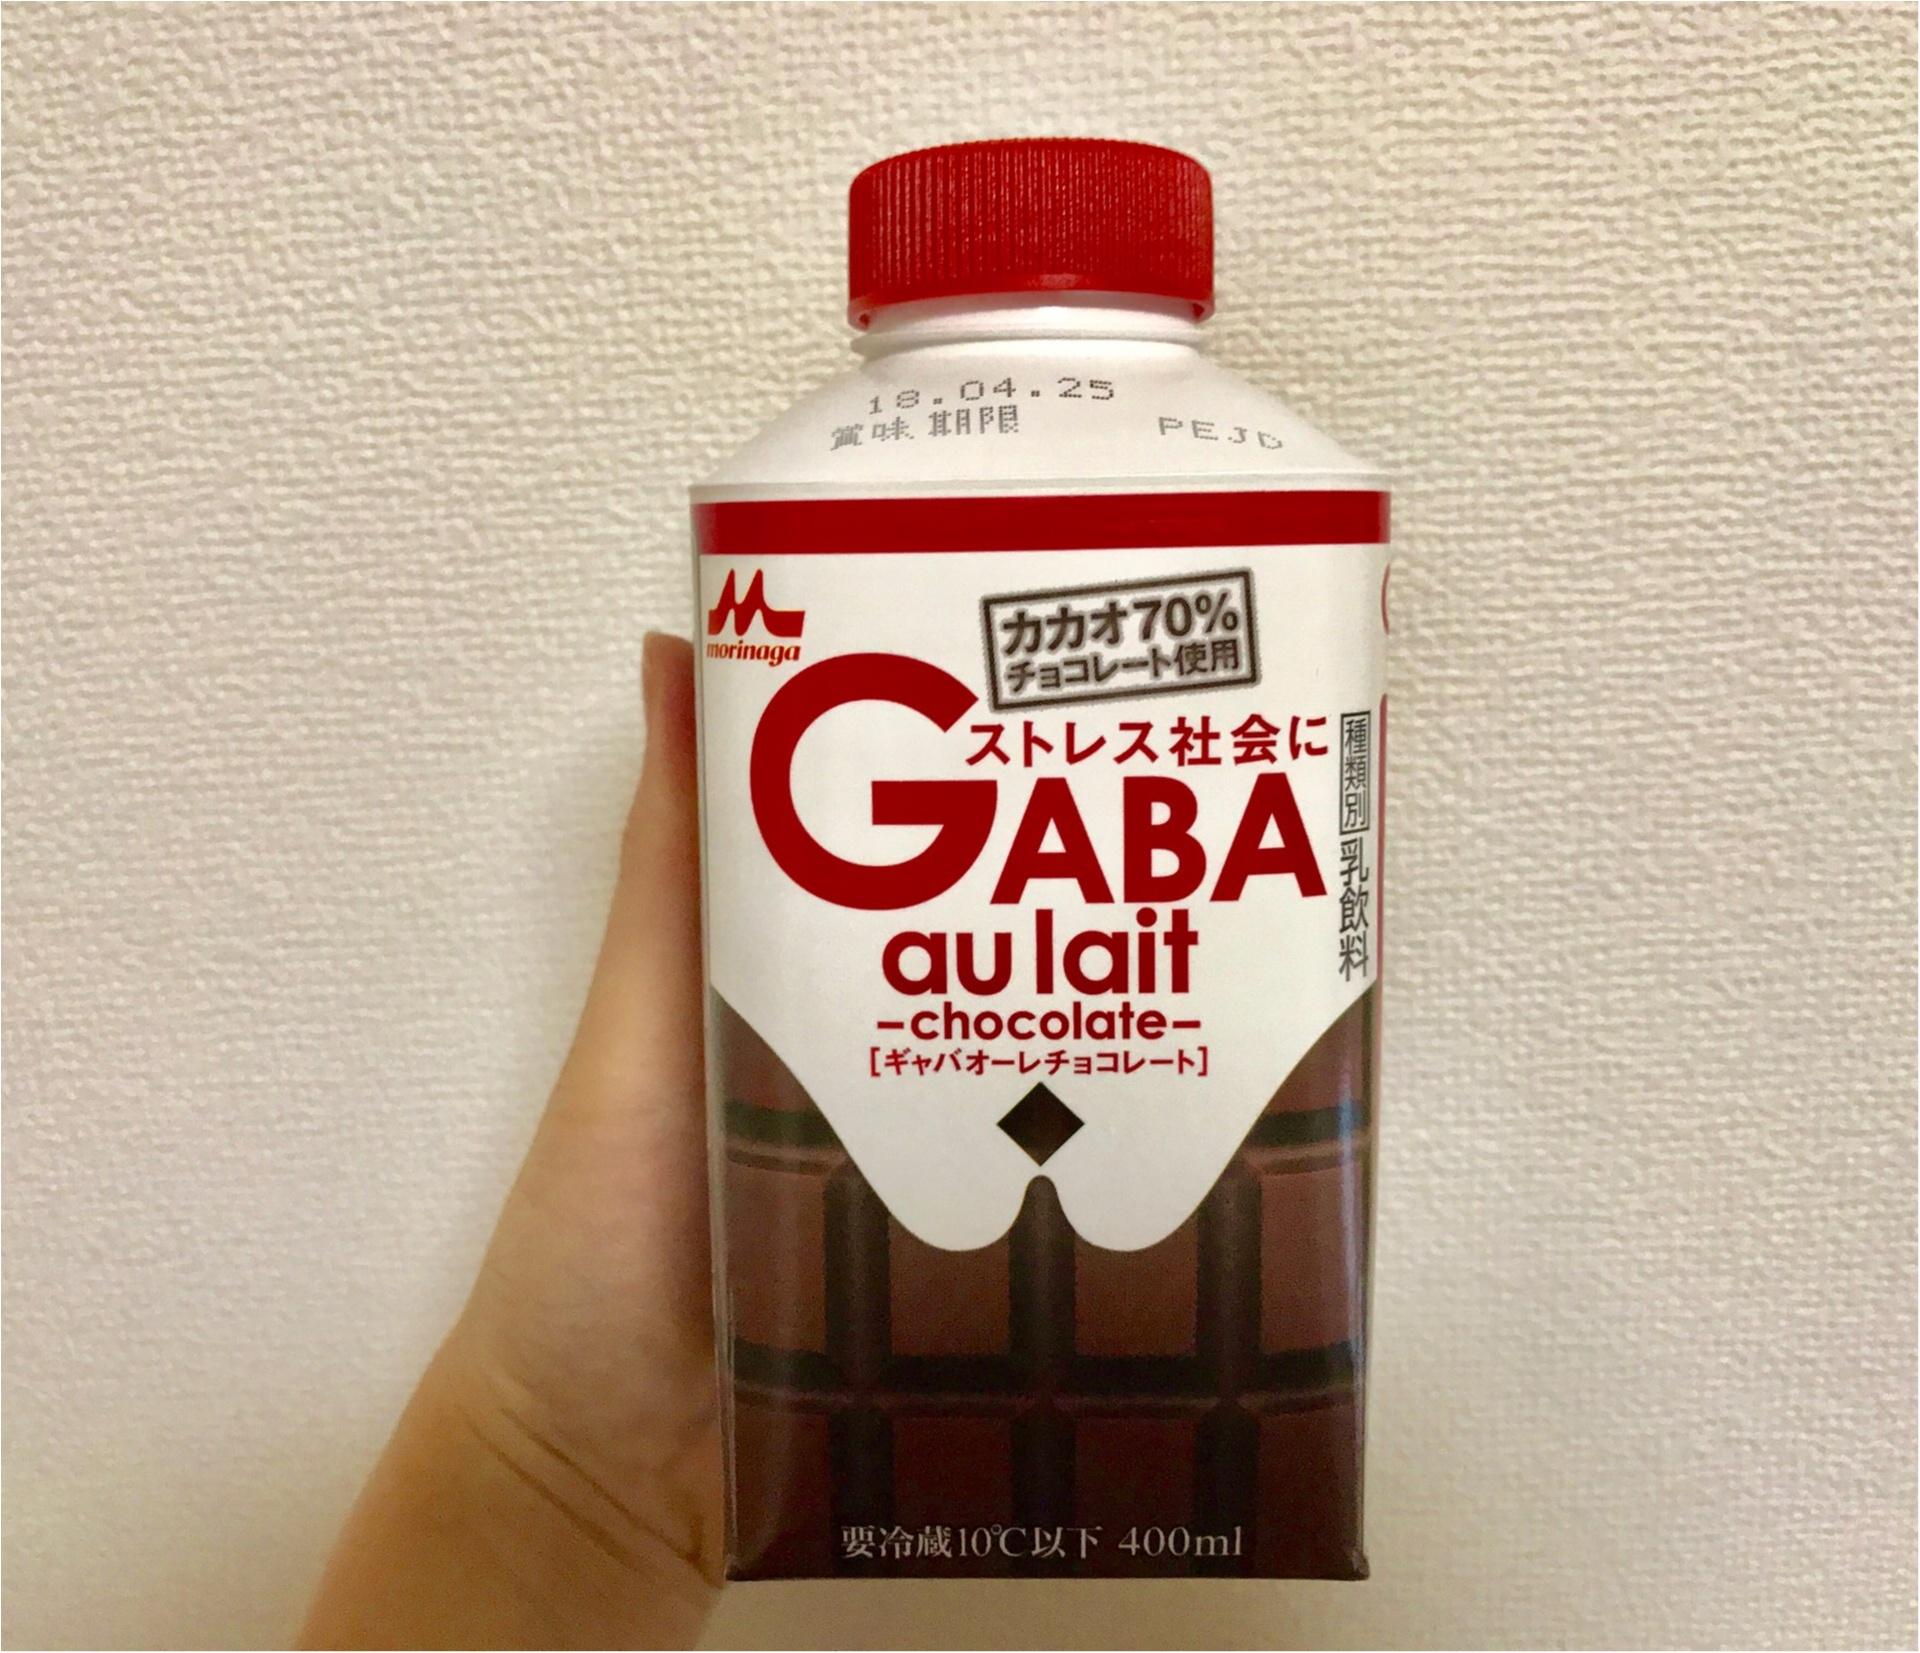 【GABA配合ドリンク】ストレス対策にぴったり!《GABA au lait》が新登場★カカオ分70%チョコレートでひと息つきましょう♪♪_2